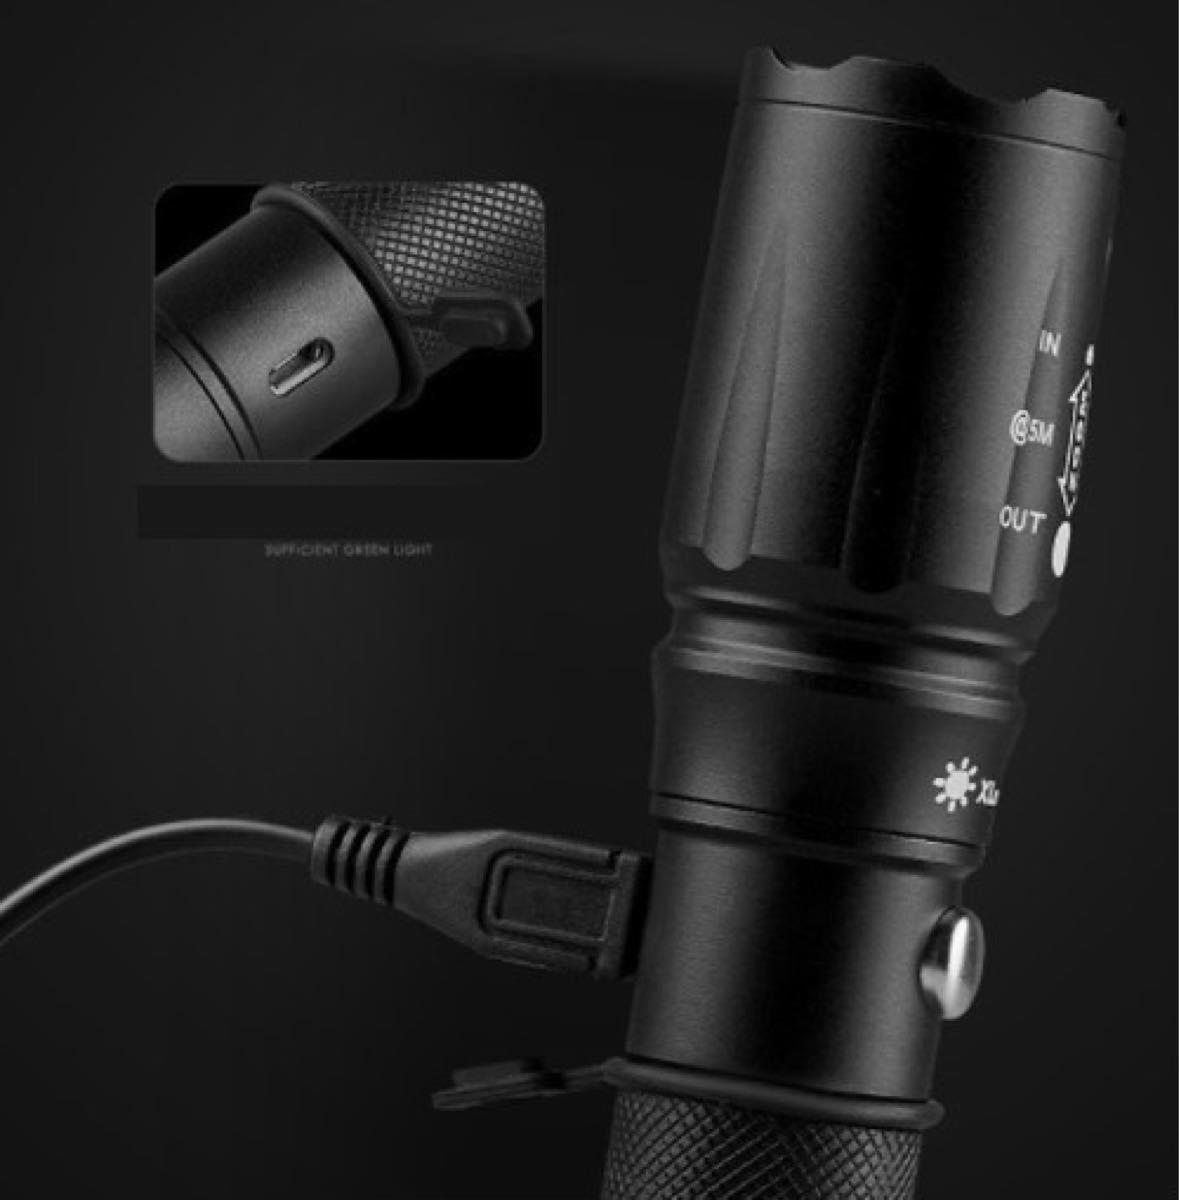 ホルダー&USBケーブル&バッテリーセット 懐中電灯 led 強力USB充電式